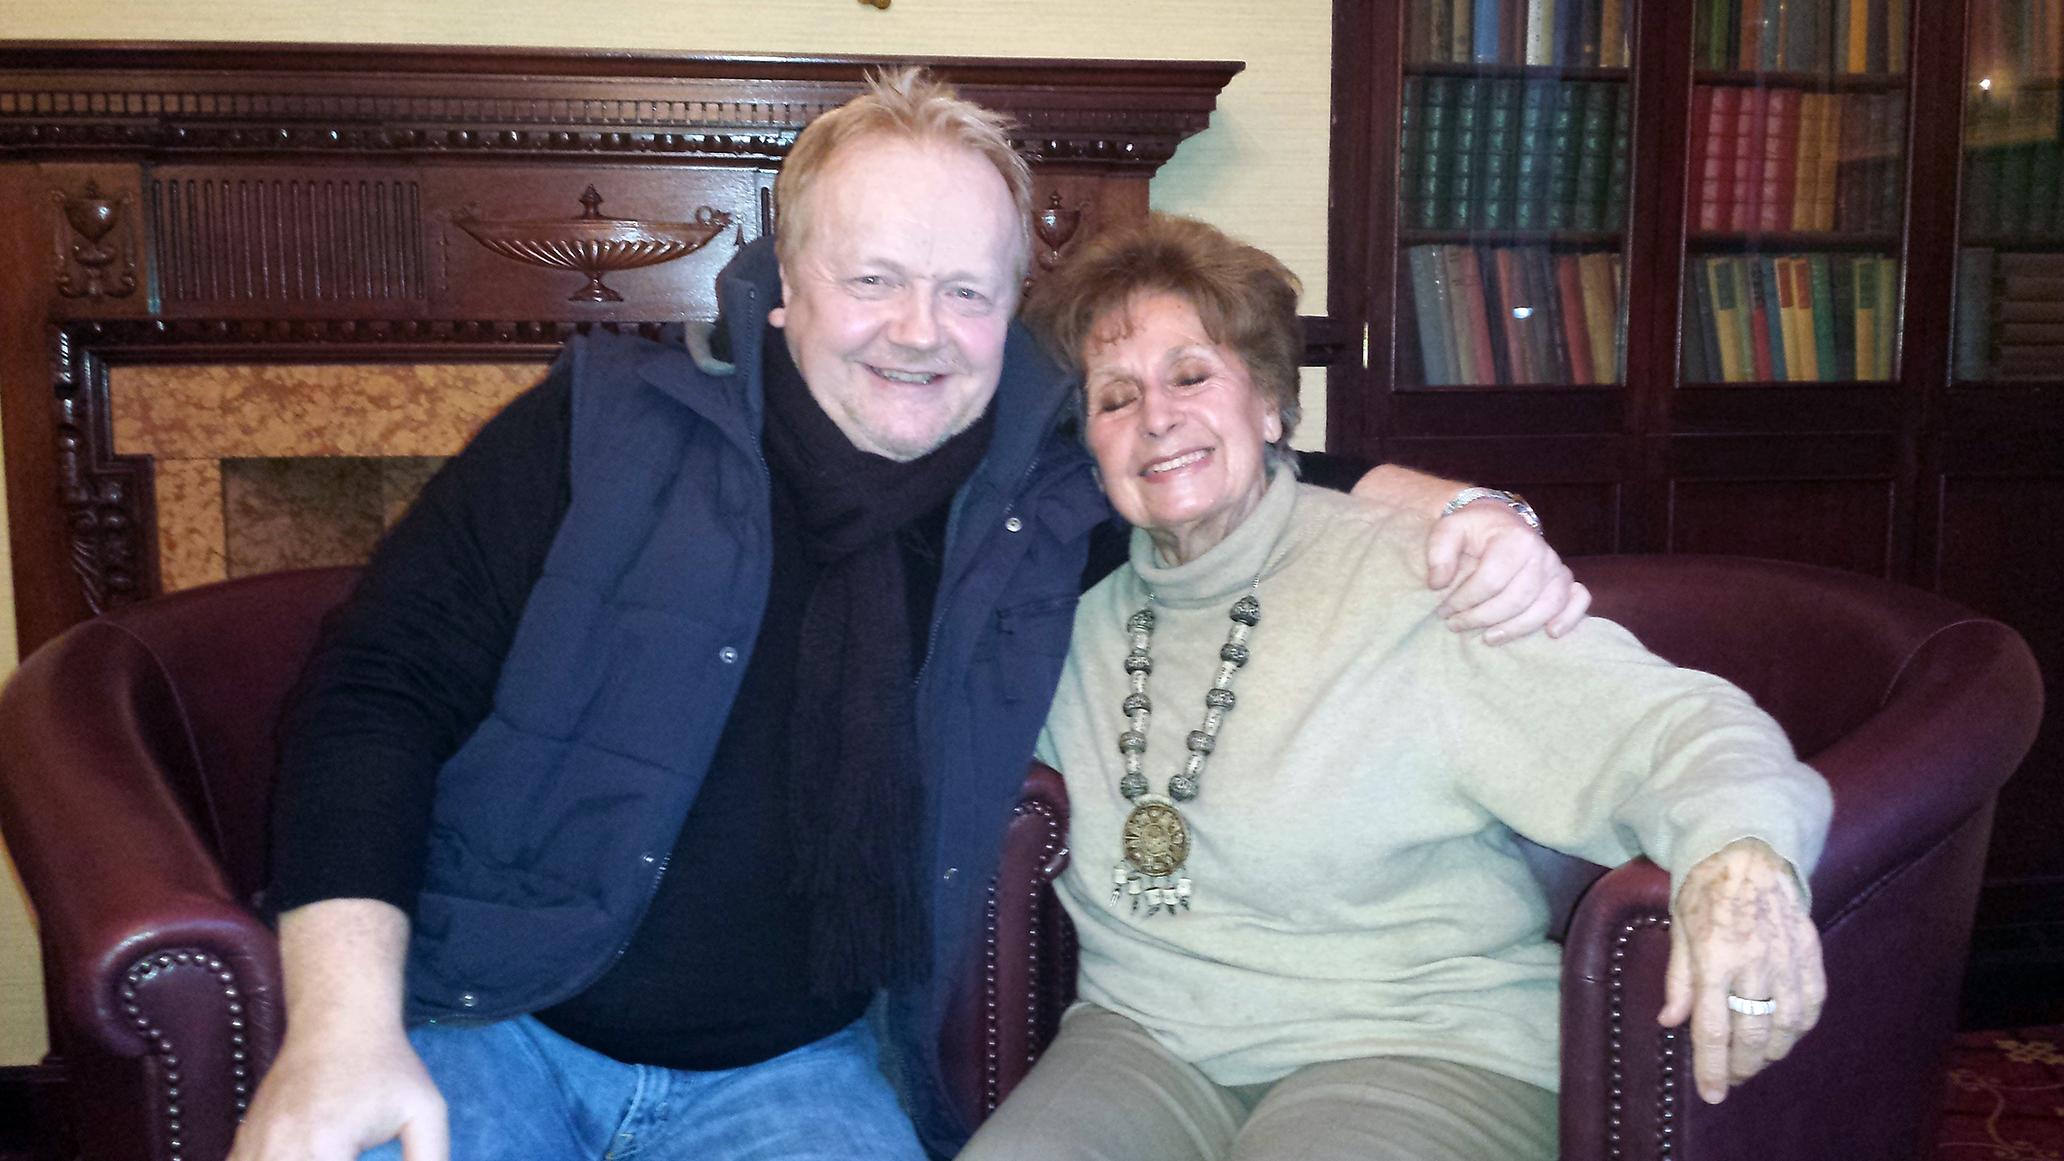 Alan Meets Auschwitz Survivor Zdenka Fantlova